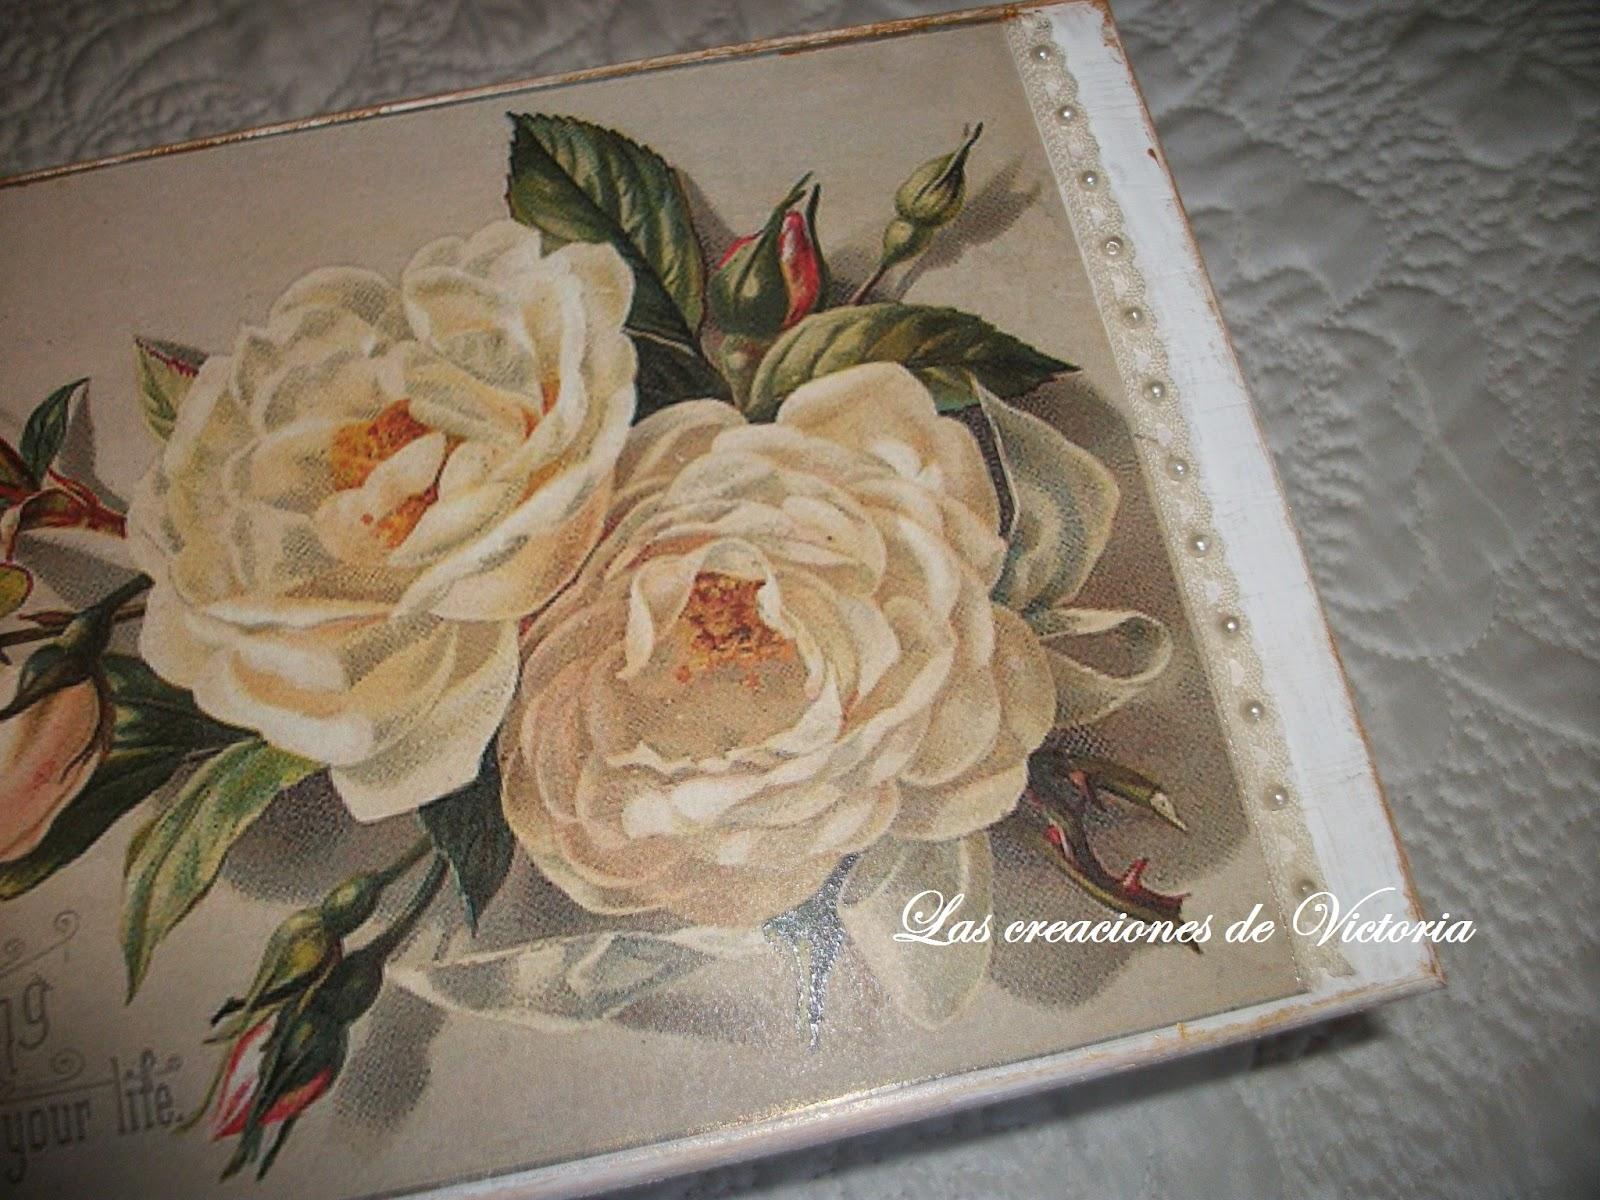 Las creaciones de Victoria. Caja vintage. Caja de madera con decoupege